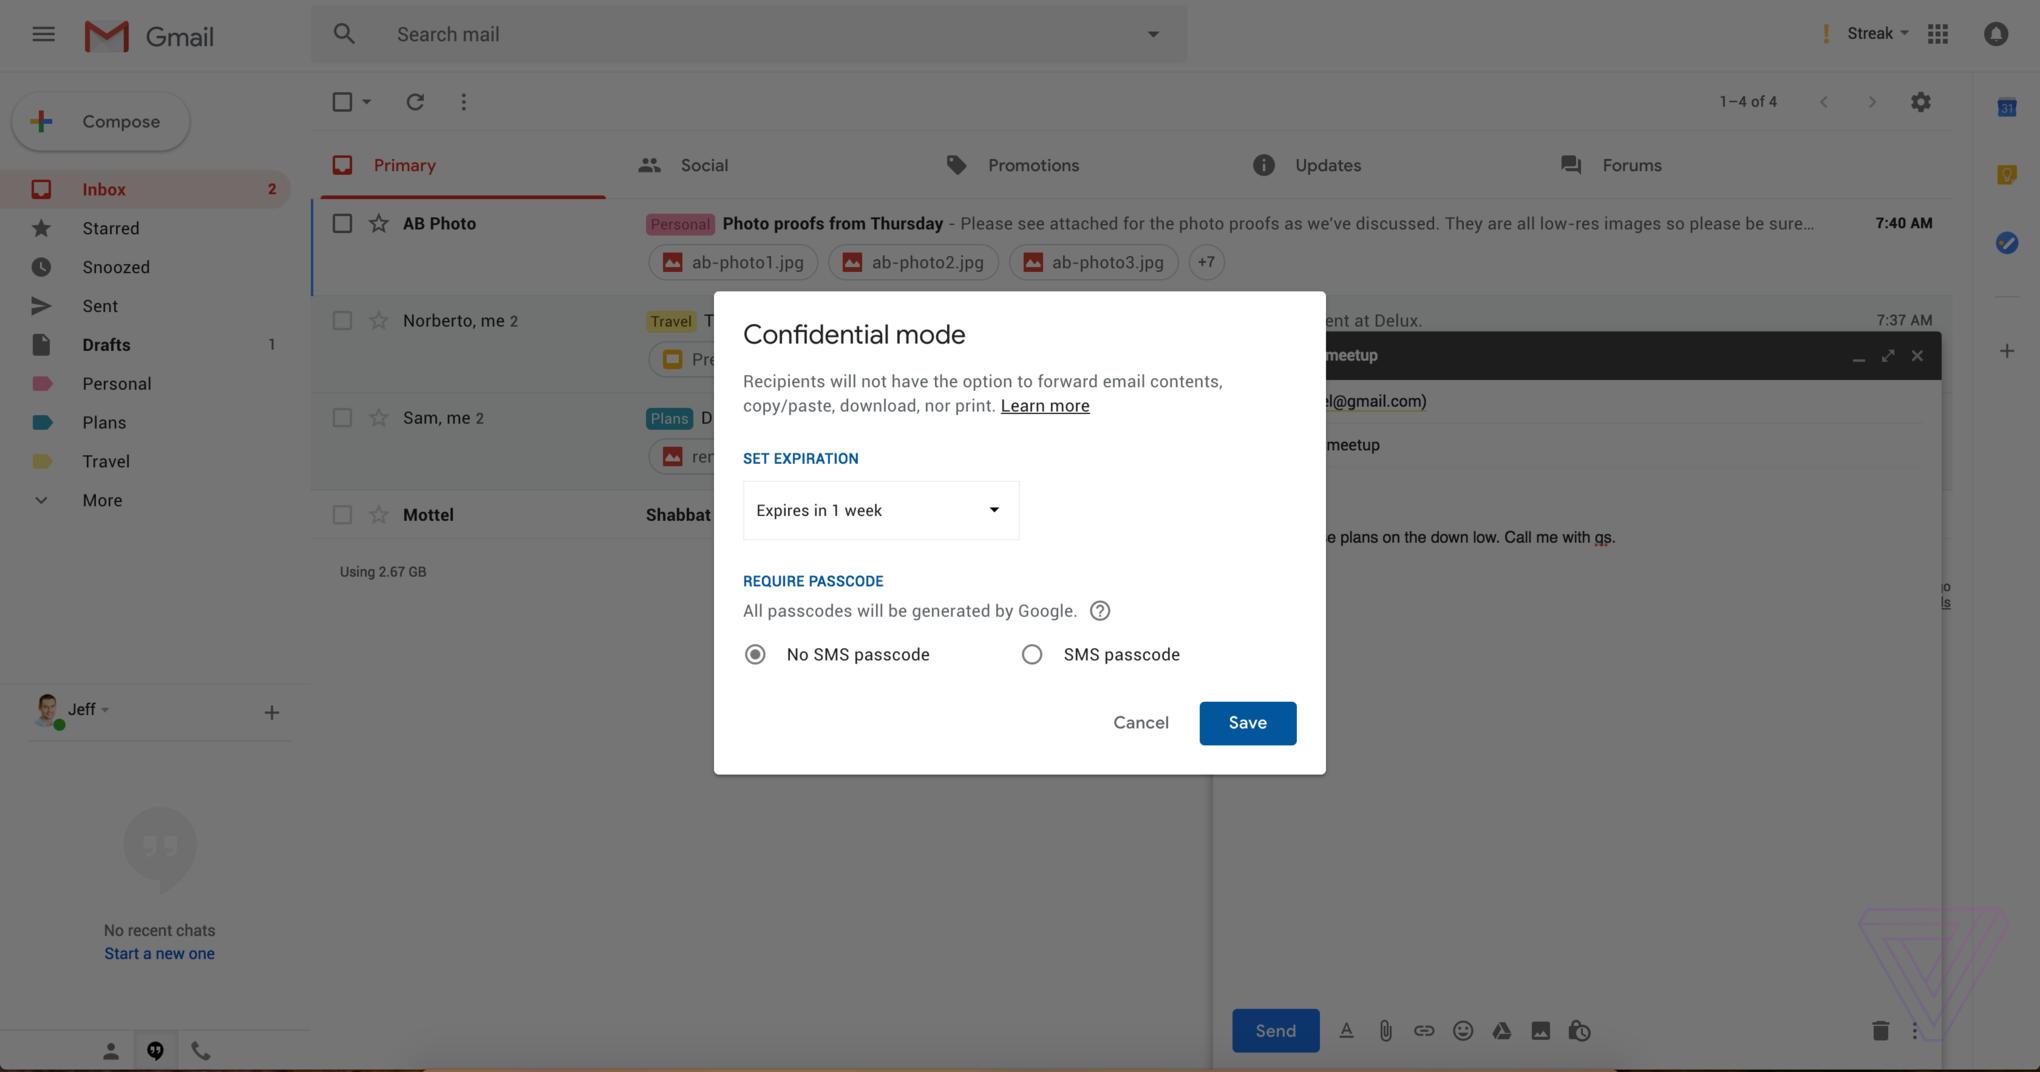 """طراحی جدید جی میل (Gmail) """"حالت محرمانه"""" دارد"""